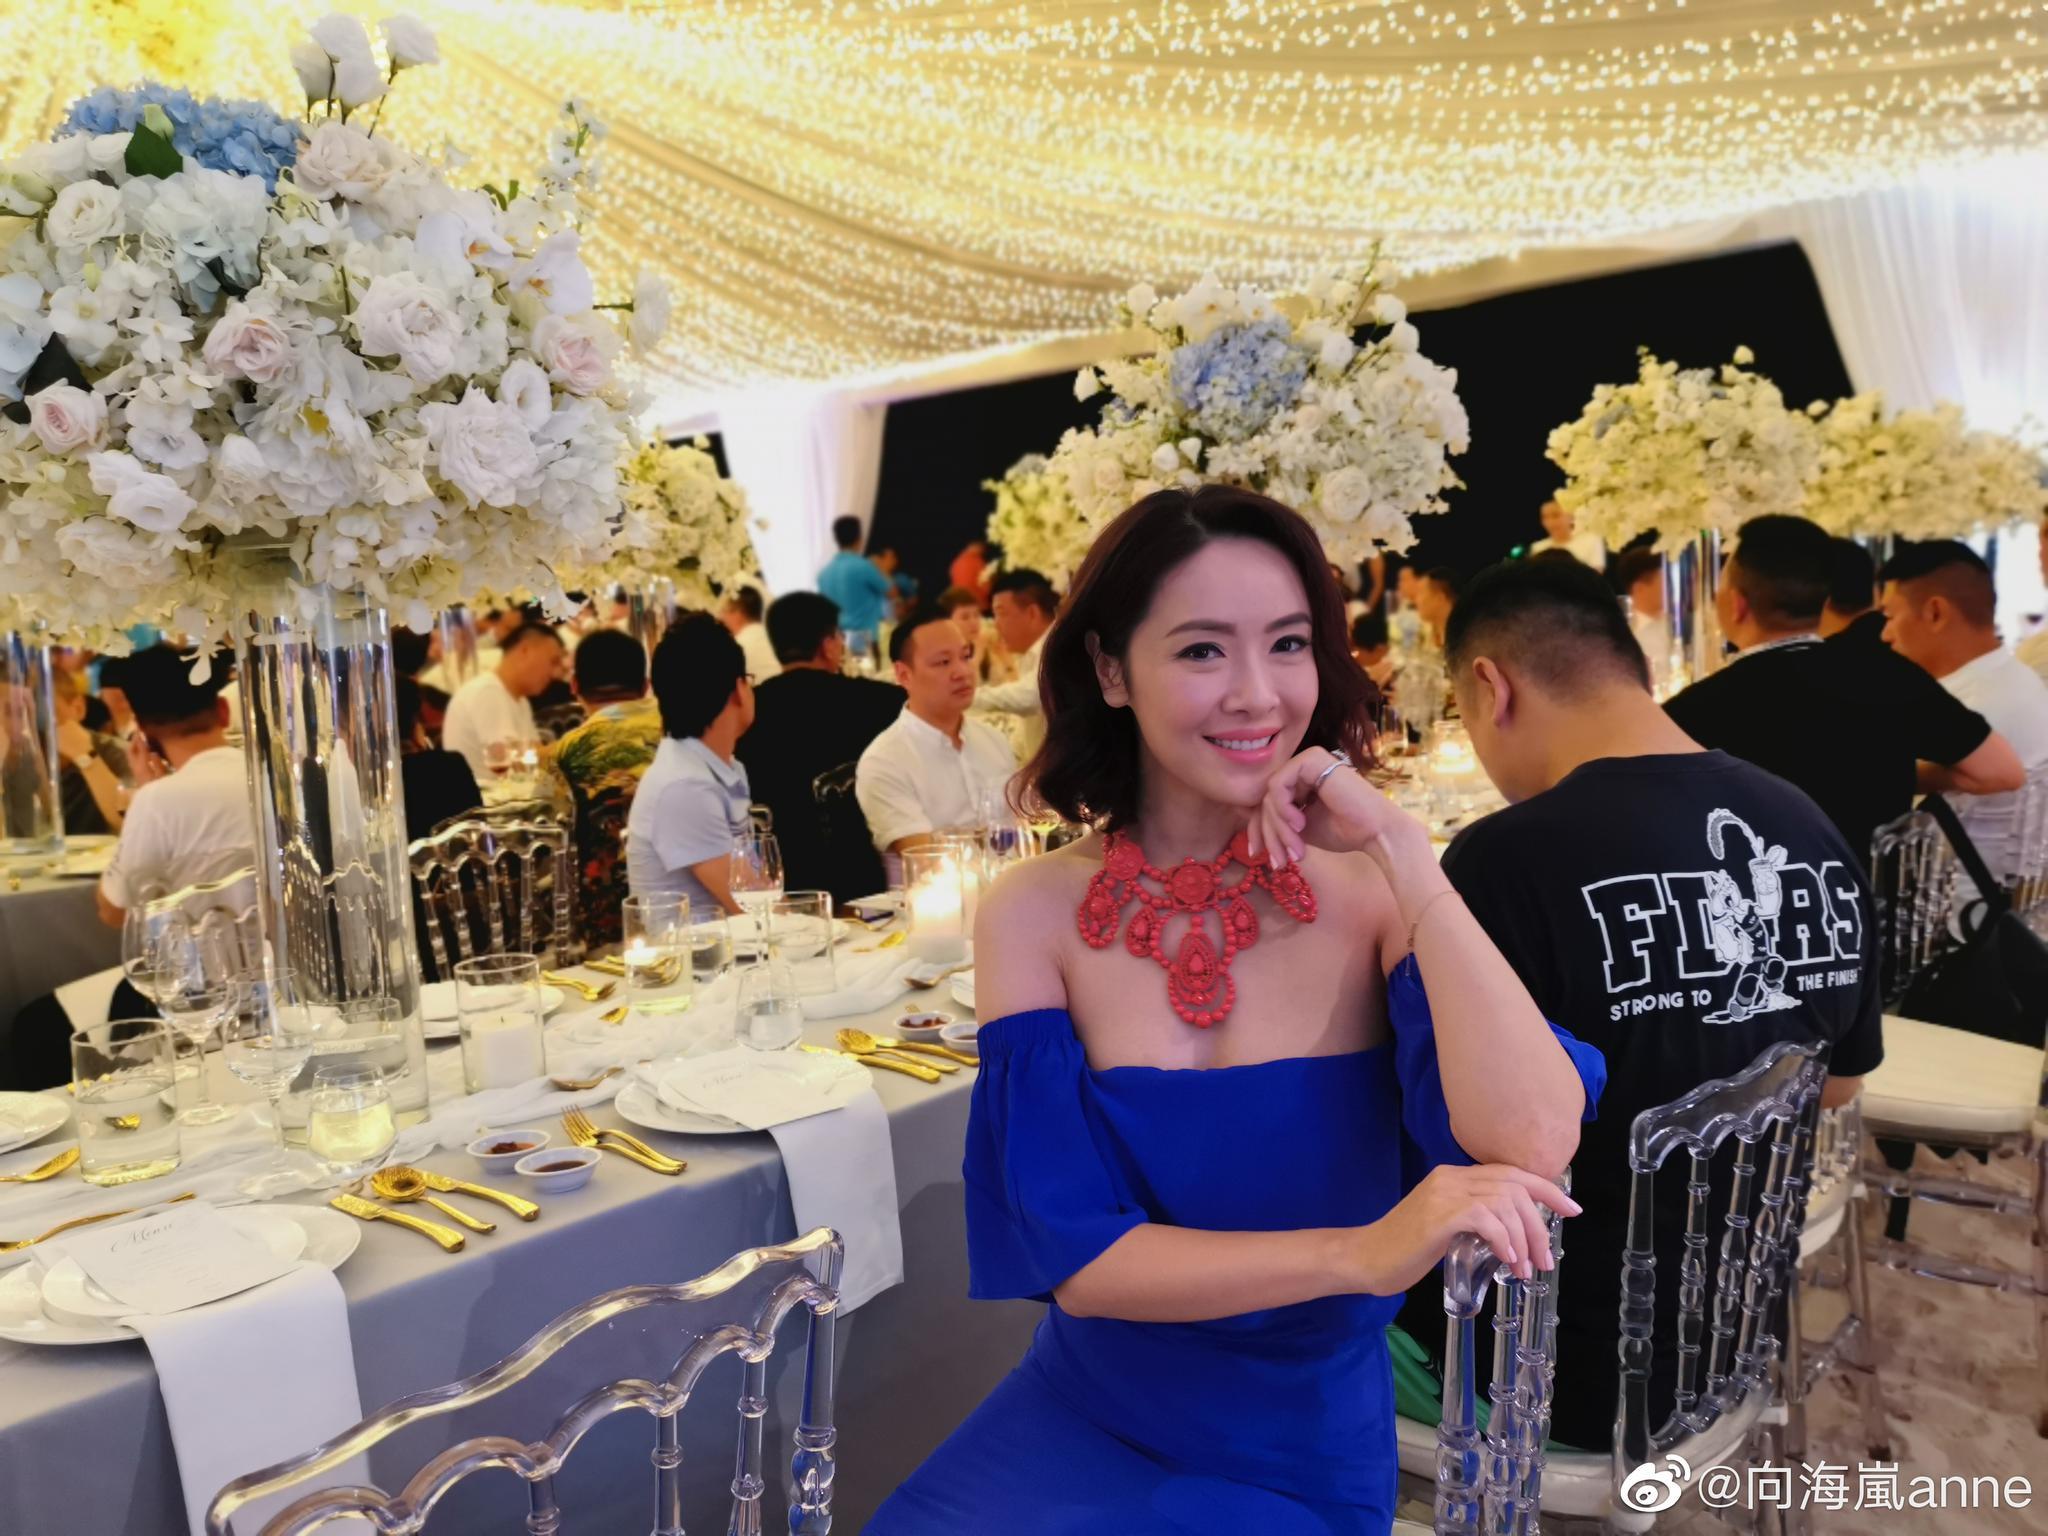 出国工作最开心寓工作于娱乐泰国 华欣 婚礼嘉宾祝一对新人百年好